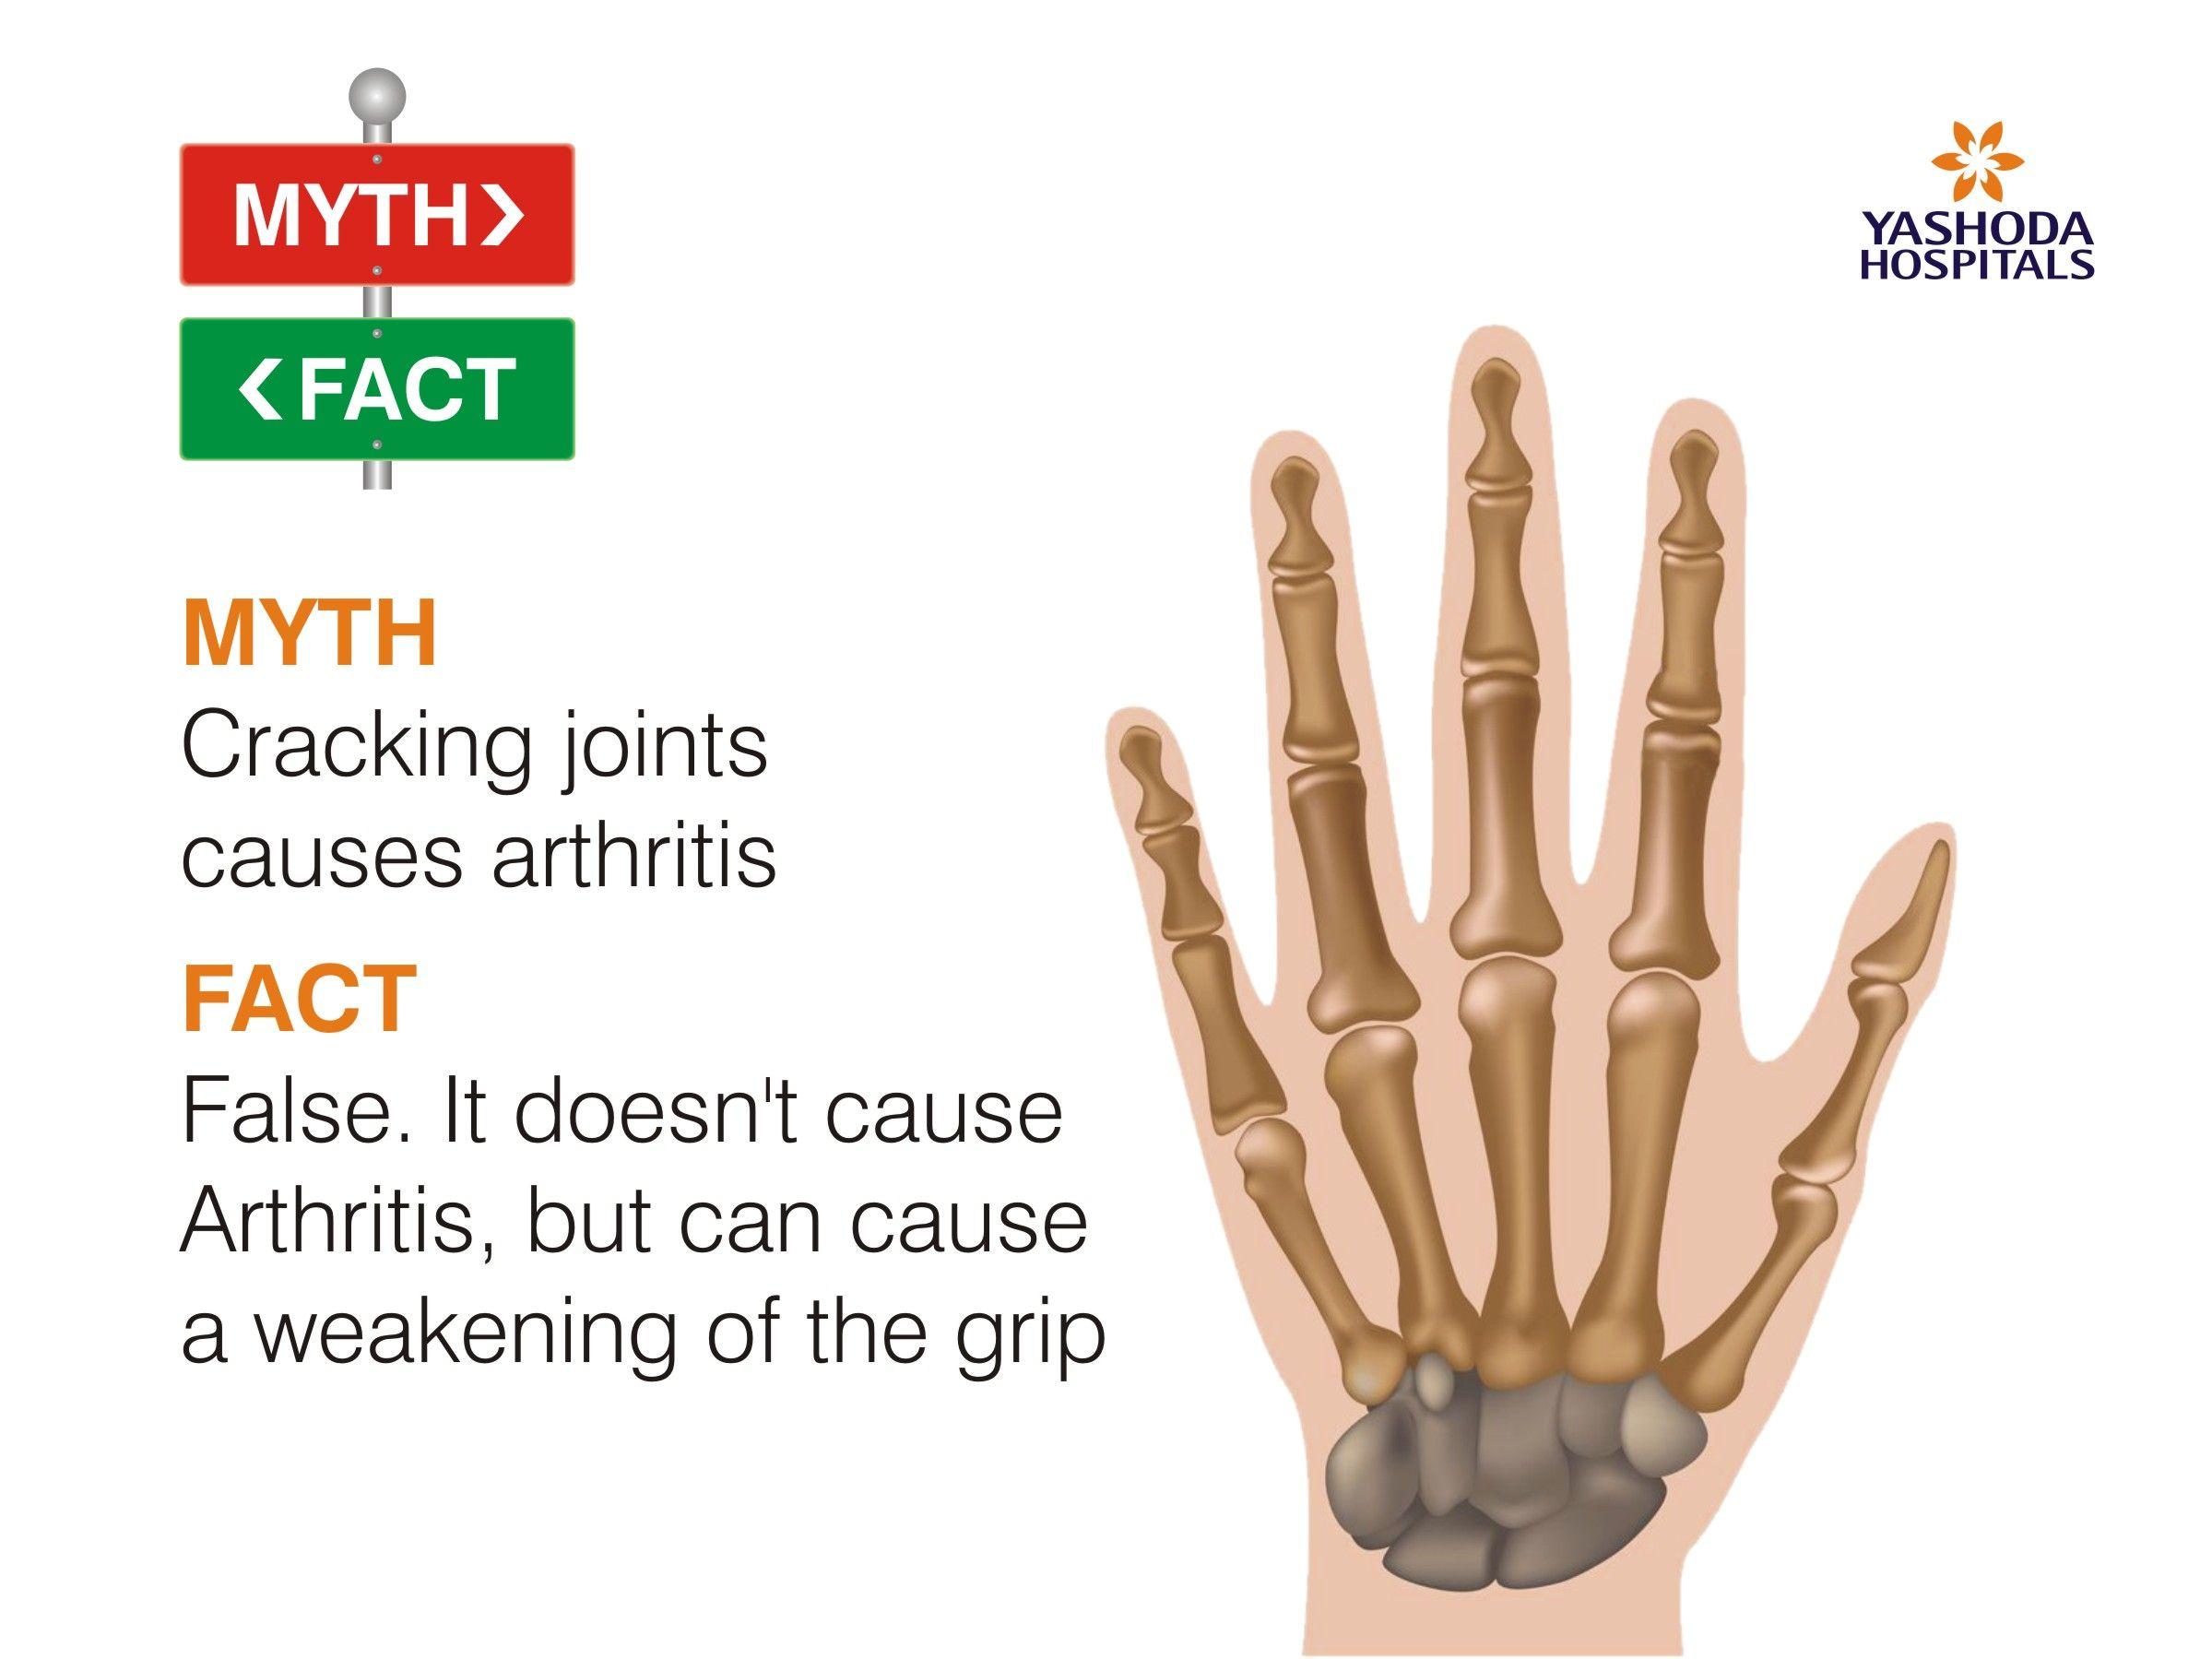 #MythFact #YashodaHospitals